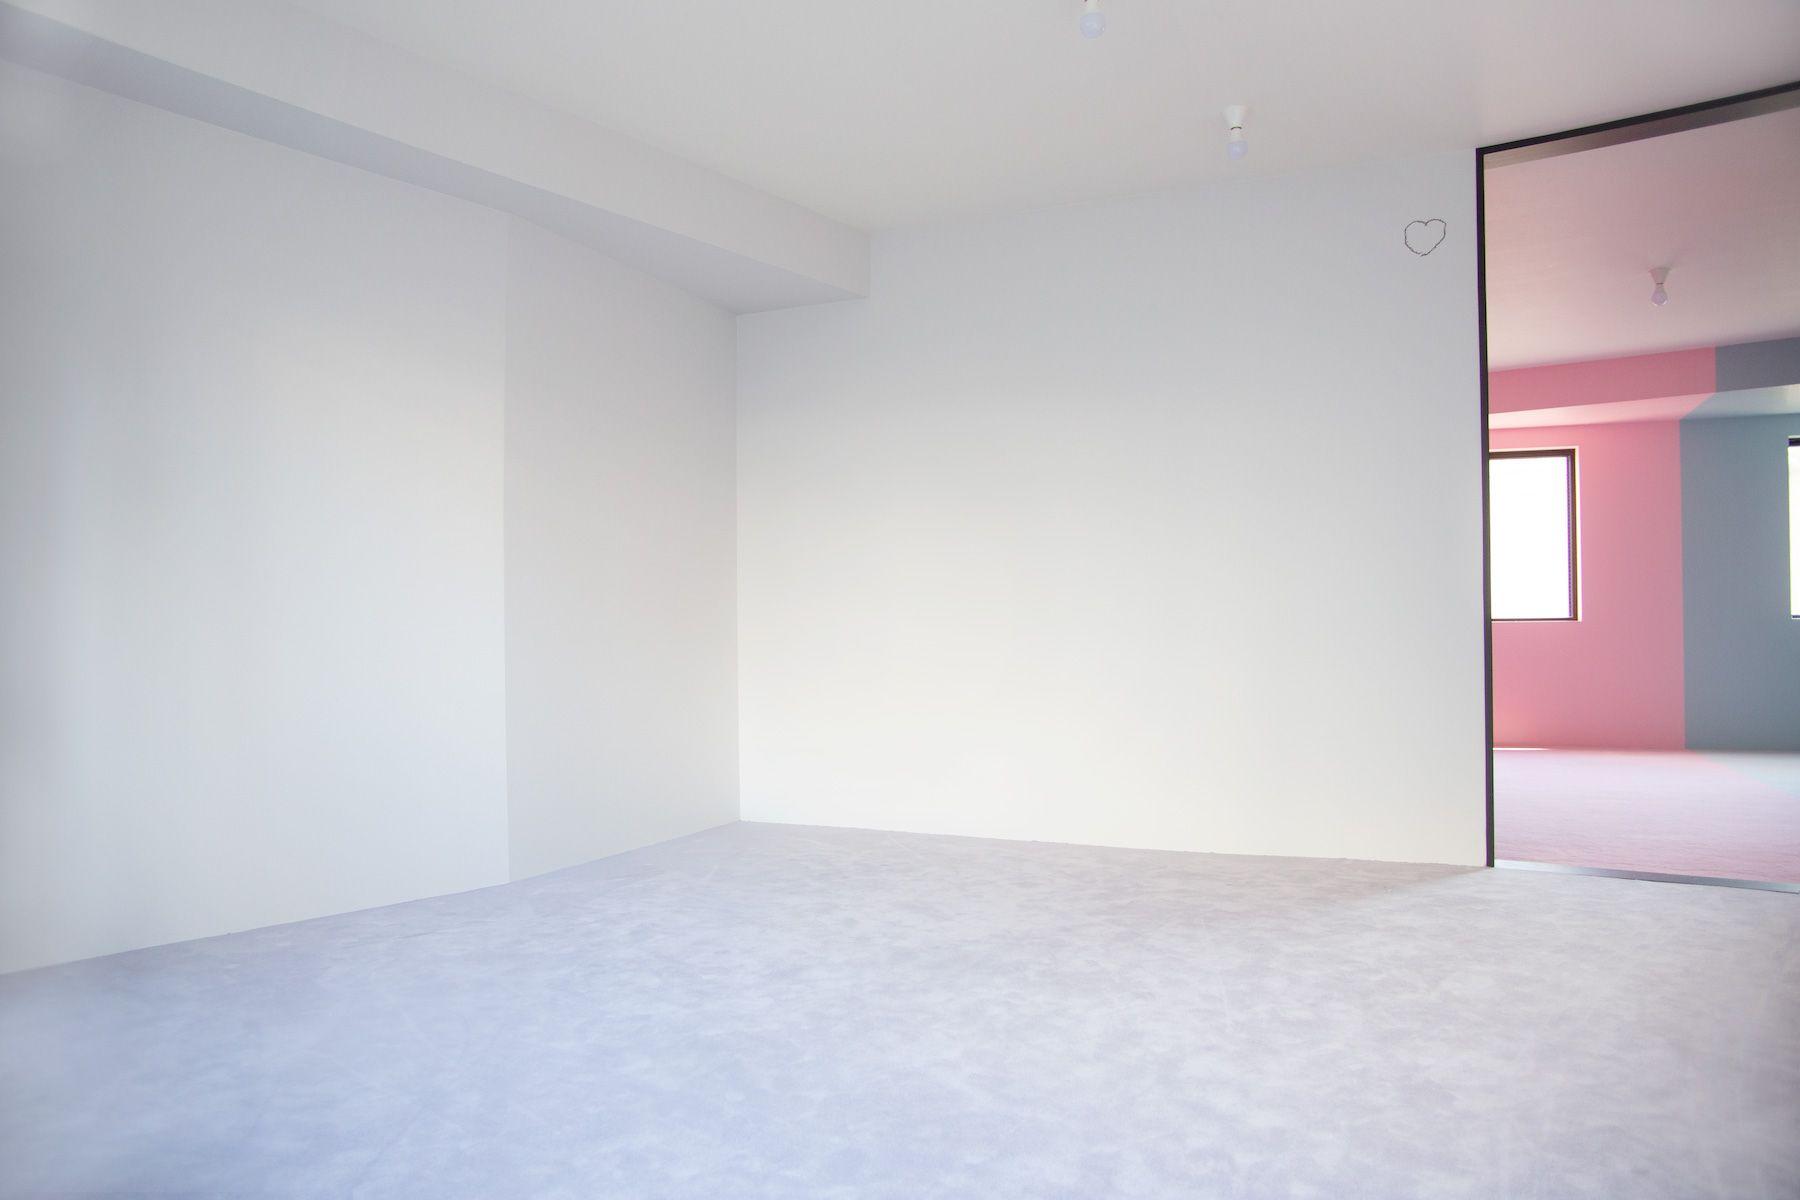 PANSY STUDIO(パンジースタジオ)ホワイトのスペース